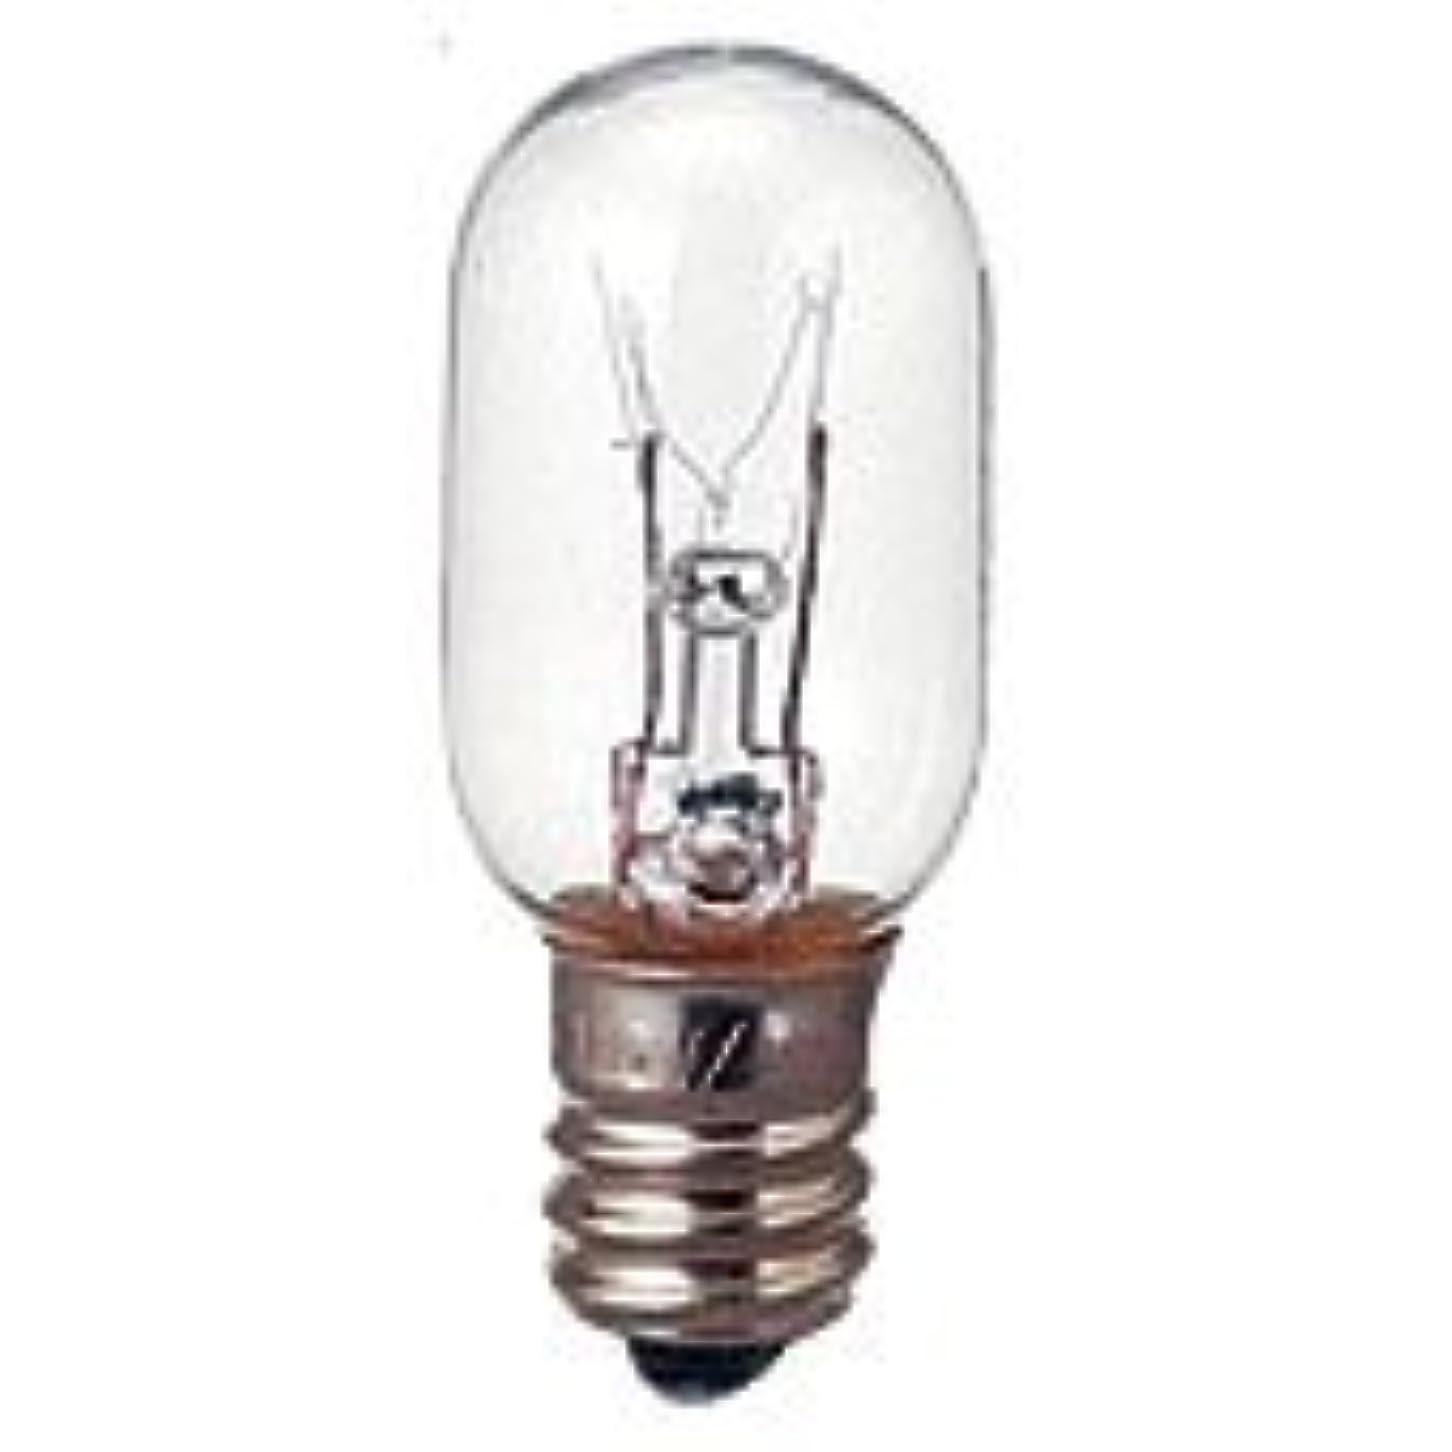 適用済み探偵ズボン生活の木 オールナイト用電球(5W)